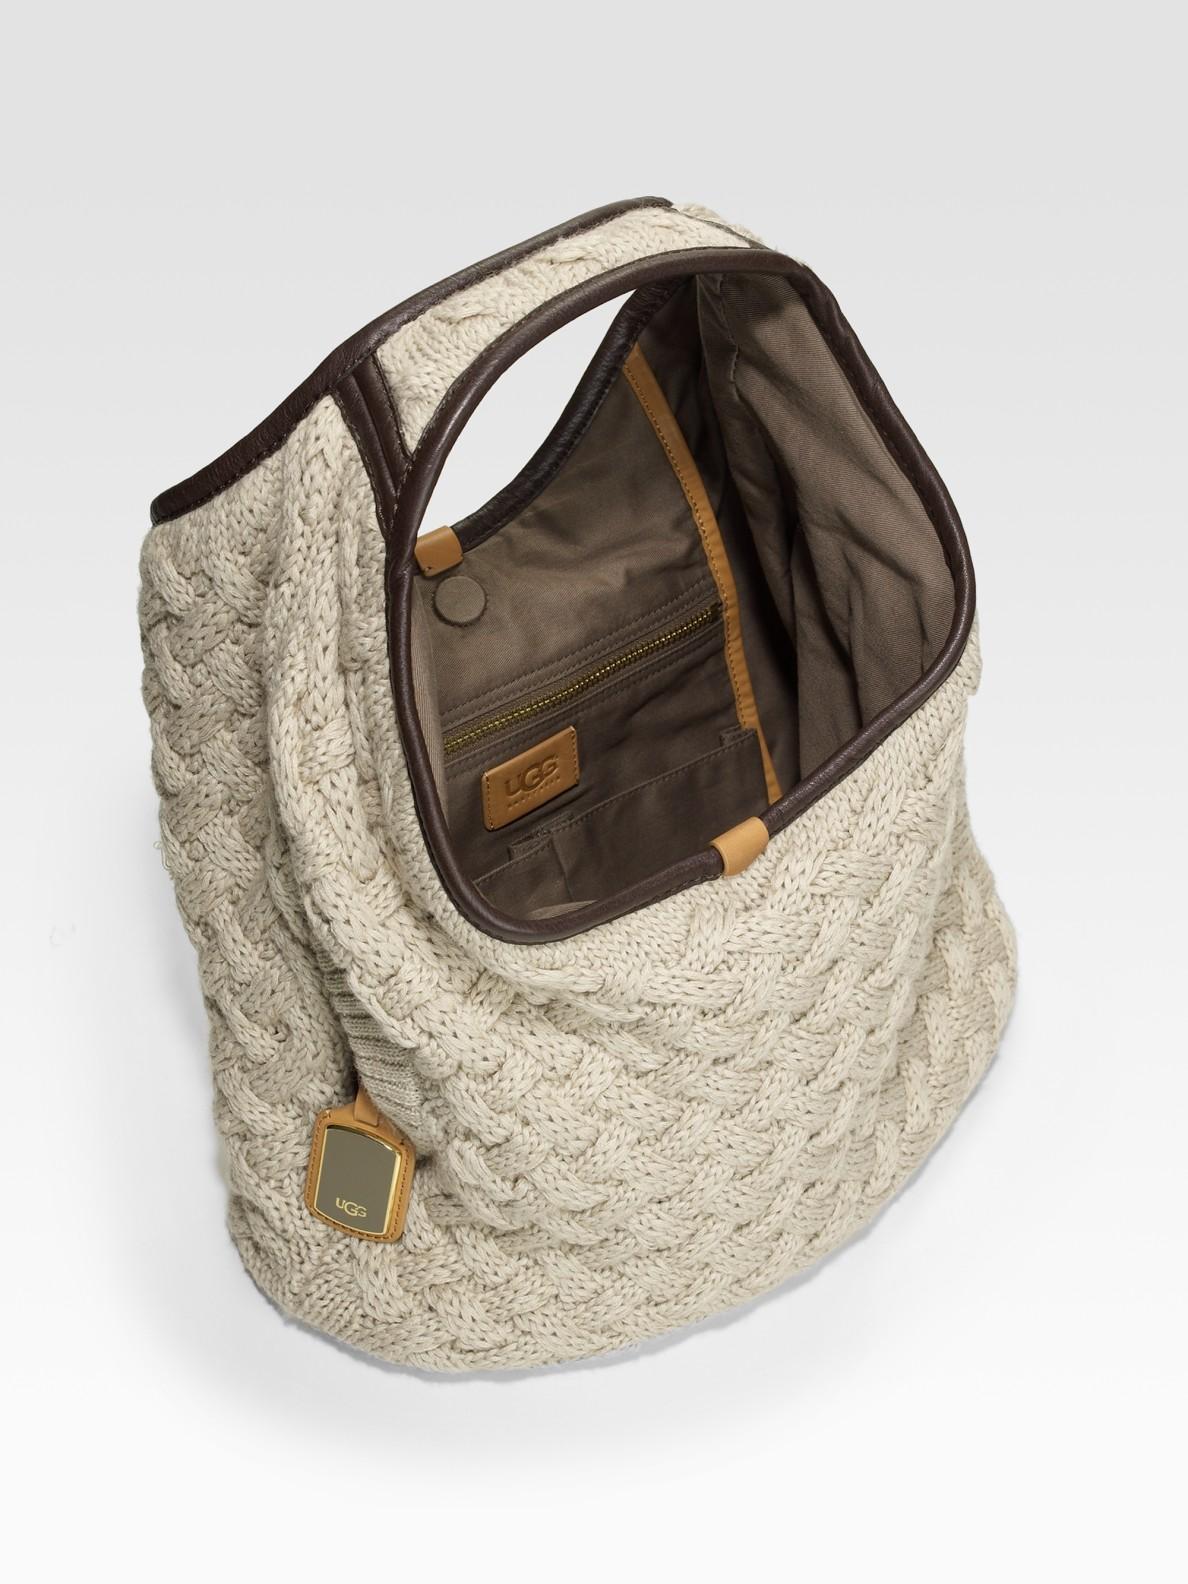 Ugg Knit Wool Hobo Bag In Beige Lyst